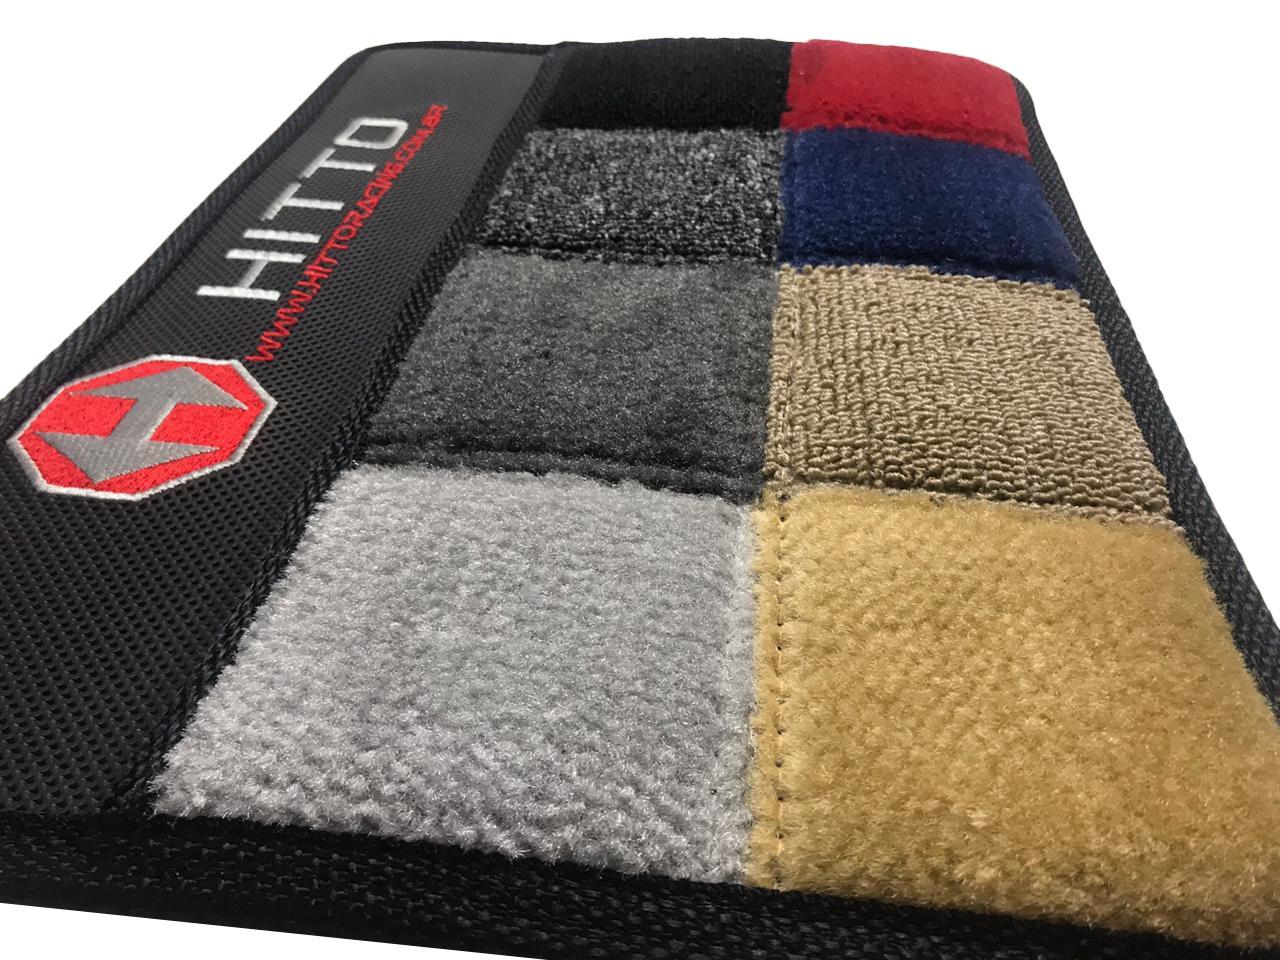 Porta Malas Rav4 Carpete Premium  Original